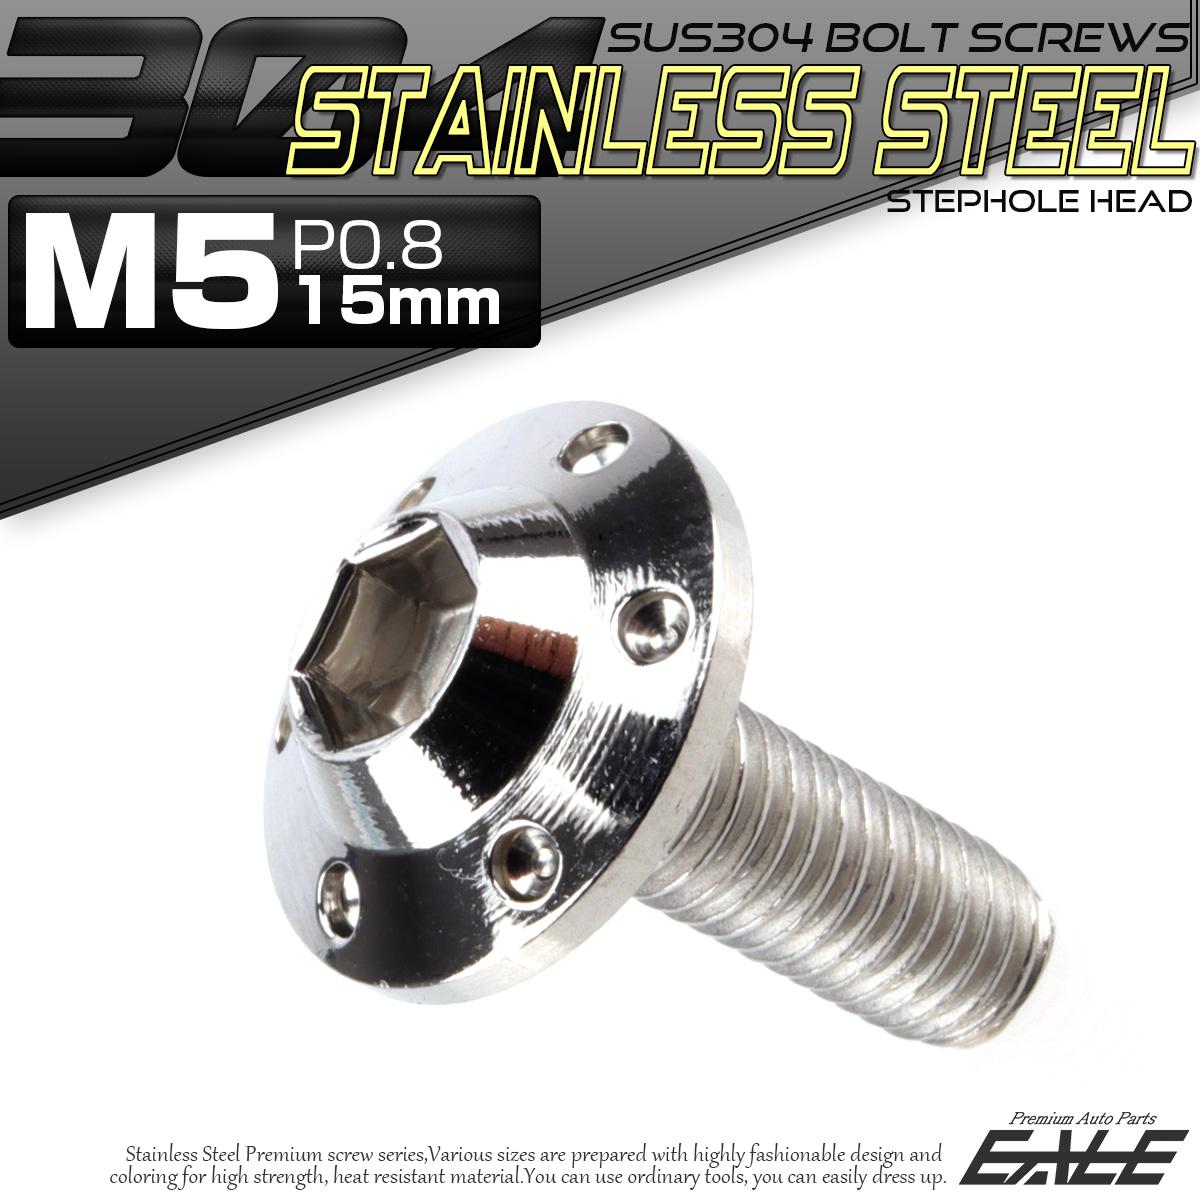 SUS304 フランジ付 ボタンボルト M5×15mm P0.8 六角穴  シルバー ステップホールヘッド ステンレス製 TR0173